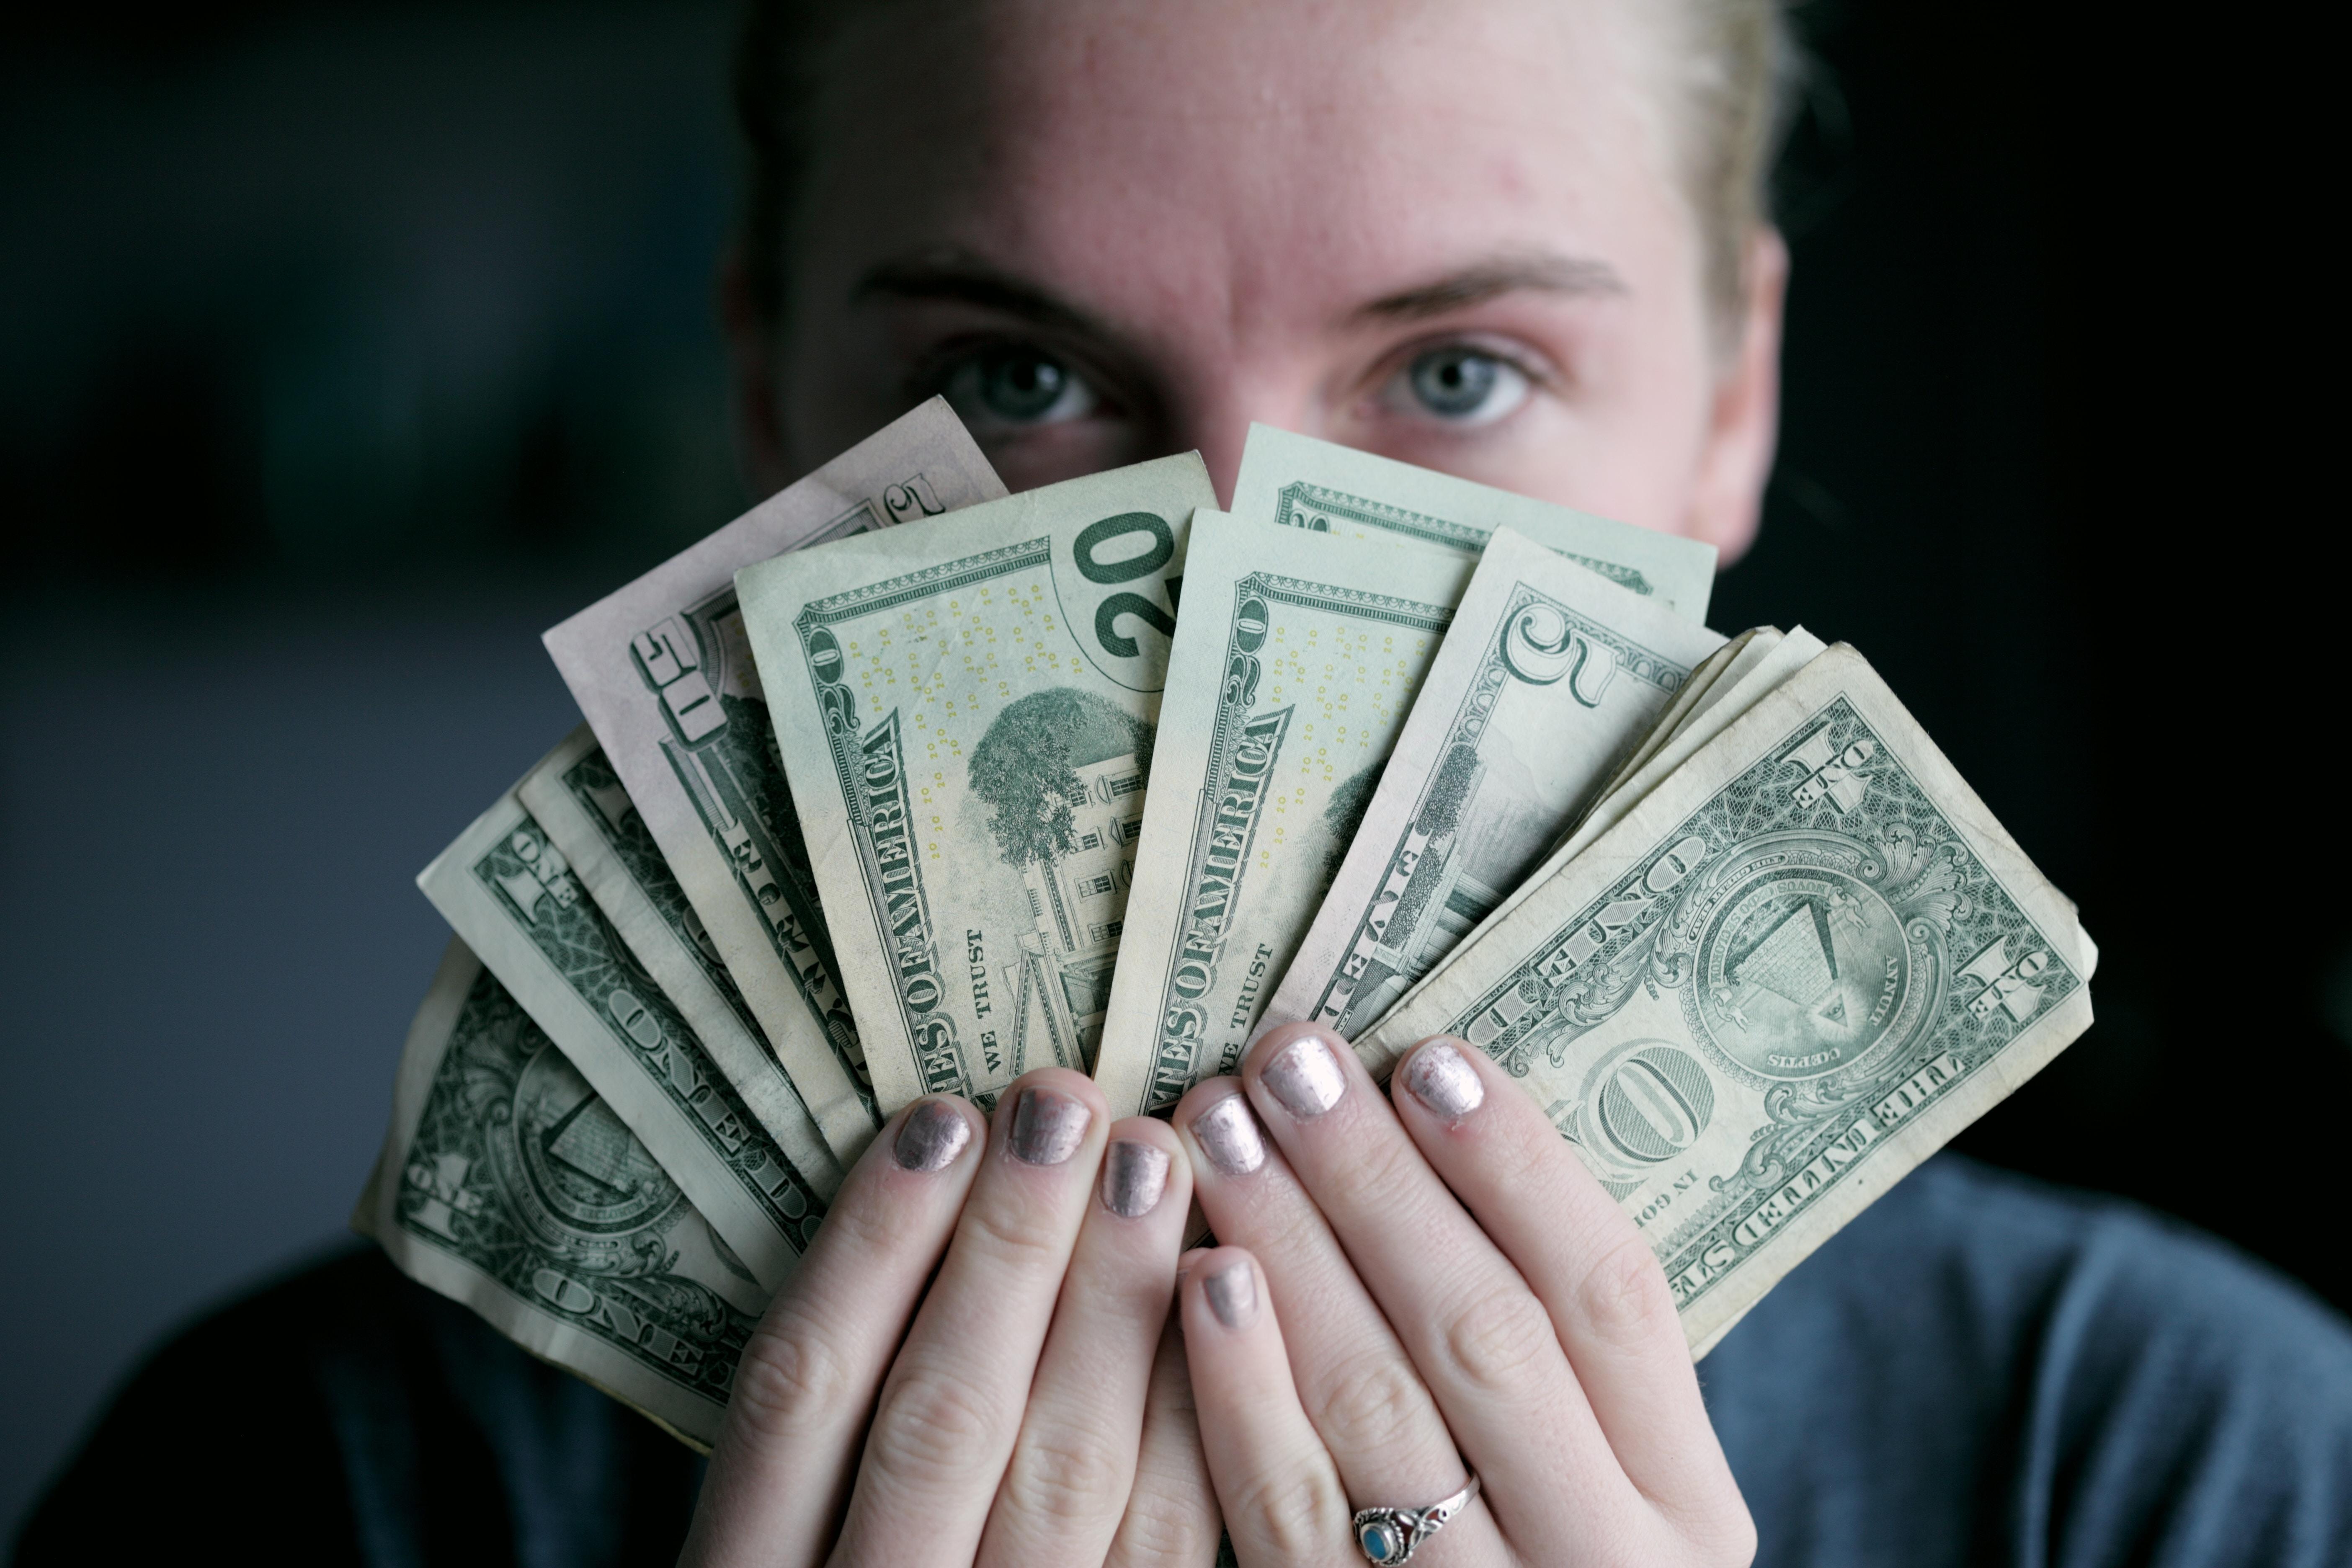 Kobieta trzymająca banknoty amerykańskie, które demonstrują z jaką łatwością zaoszczędziliśmy kupę pieniędzy dla naszego klienta dzięki przygotowaniu analizy projektowej.